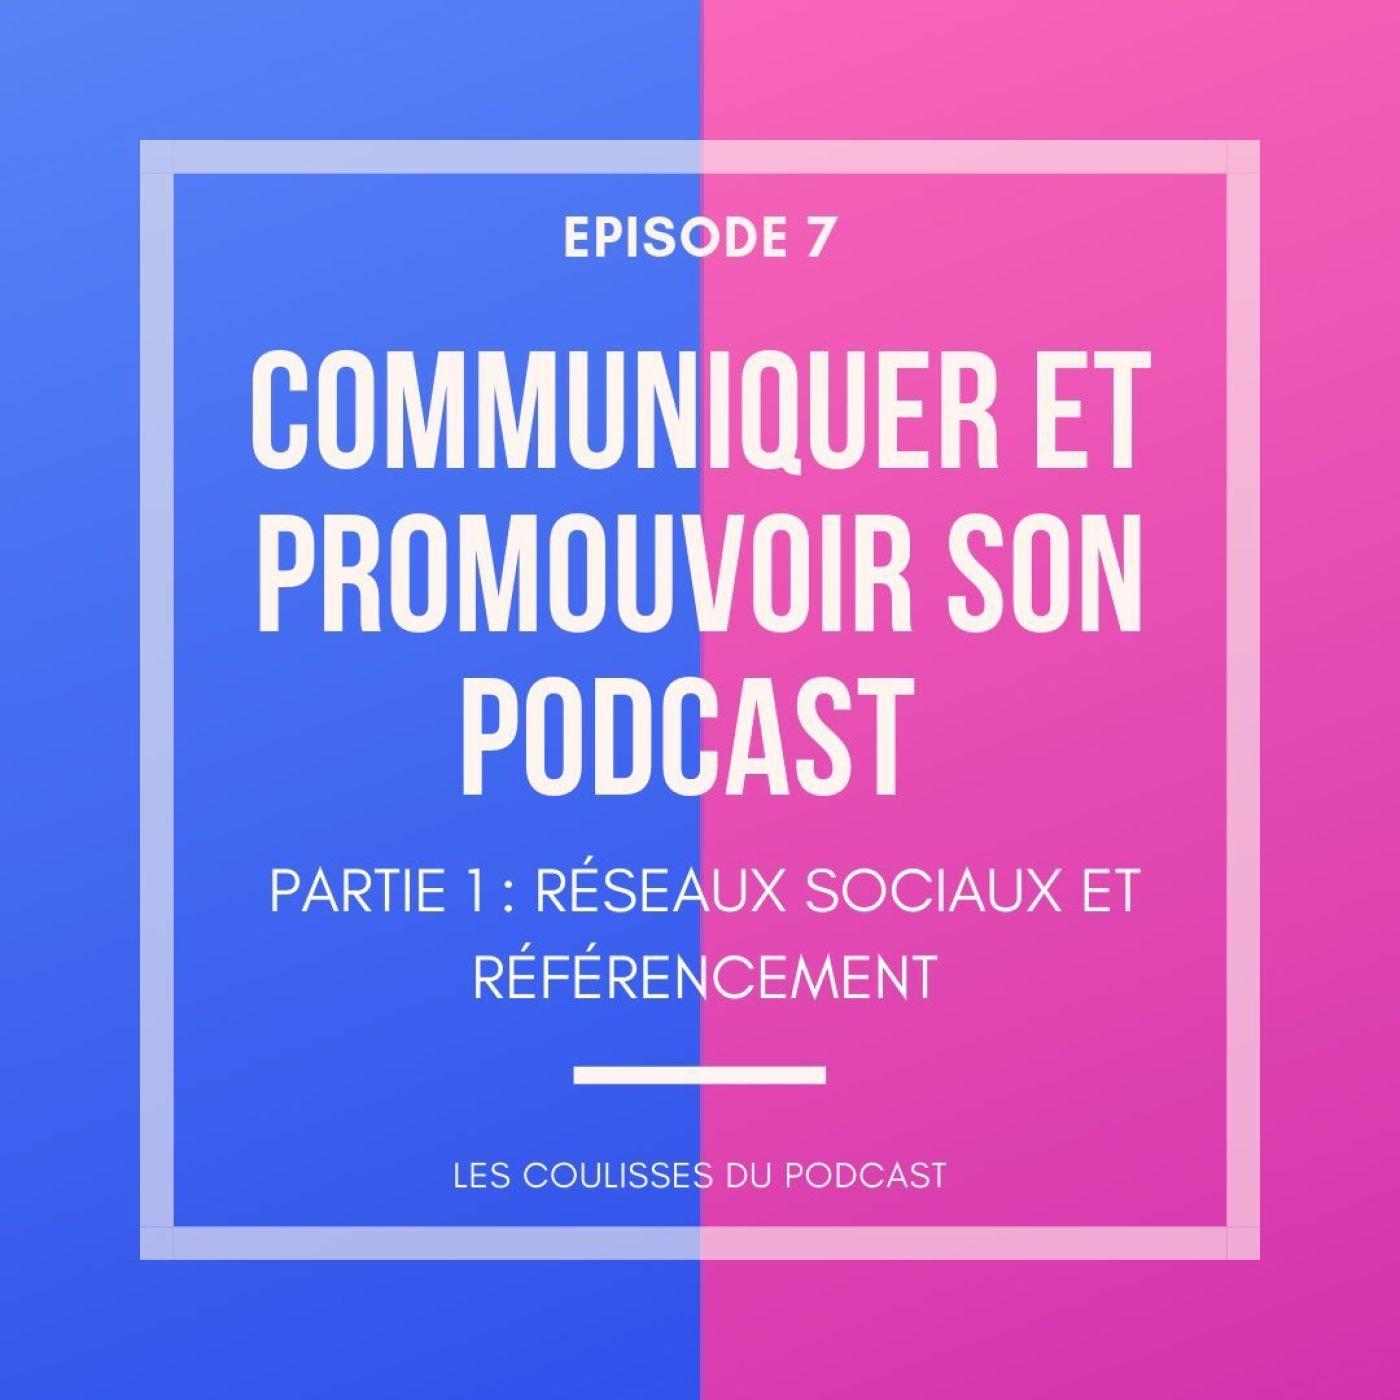 Communiquer et promouvoir son podcast : réseaux sociaux et référencement